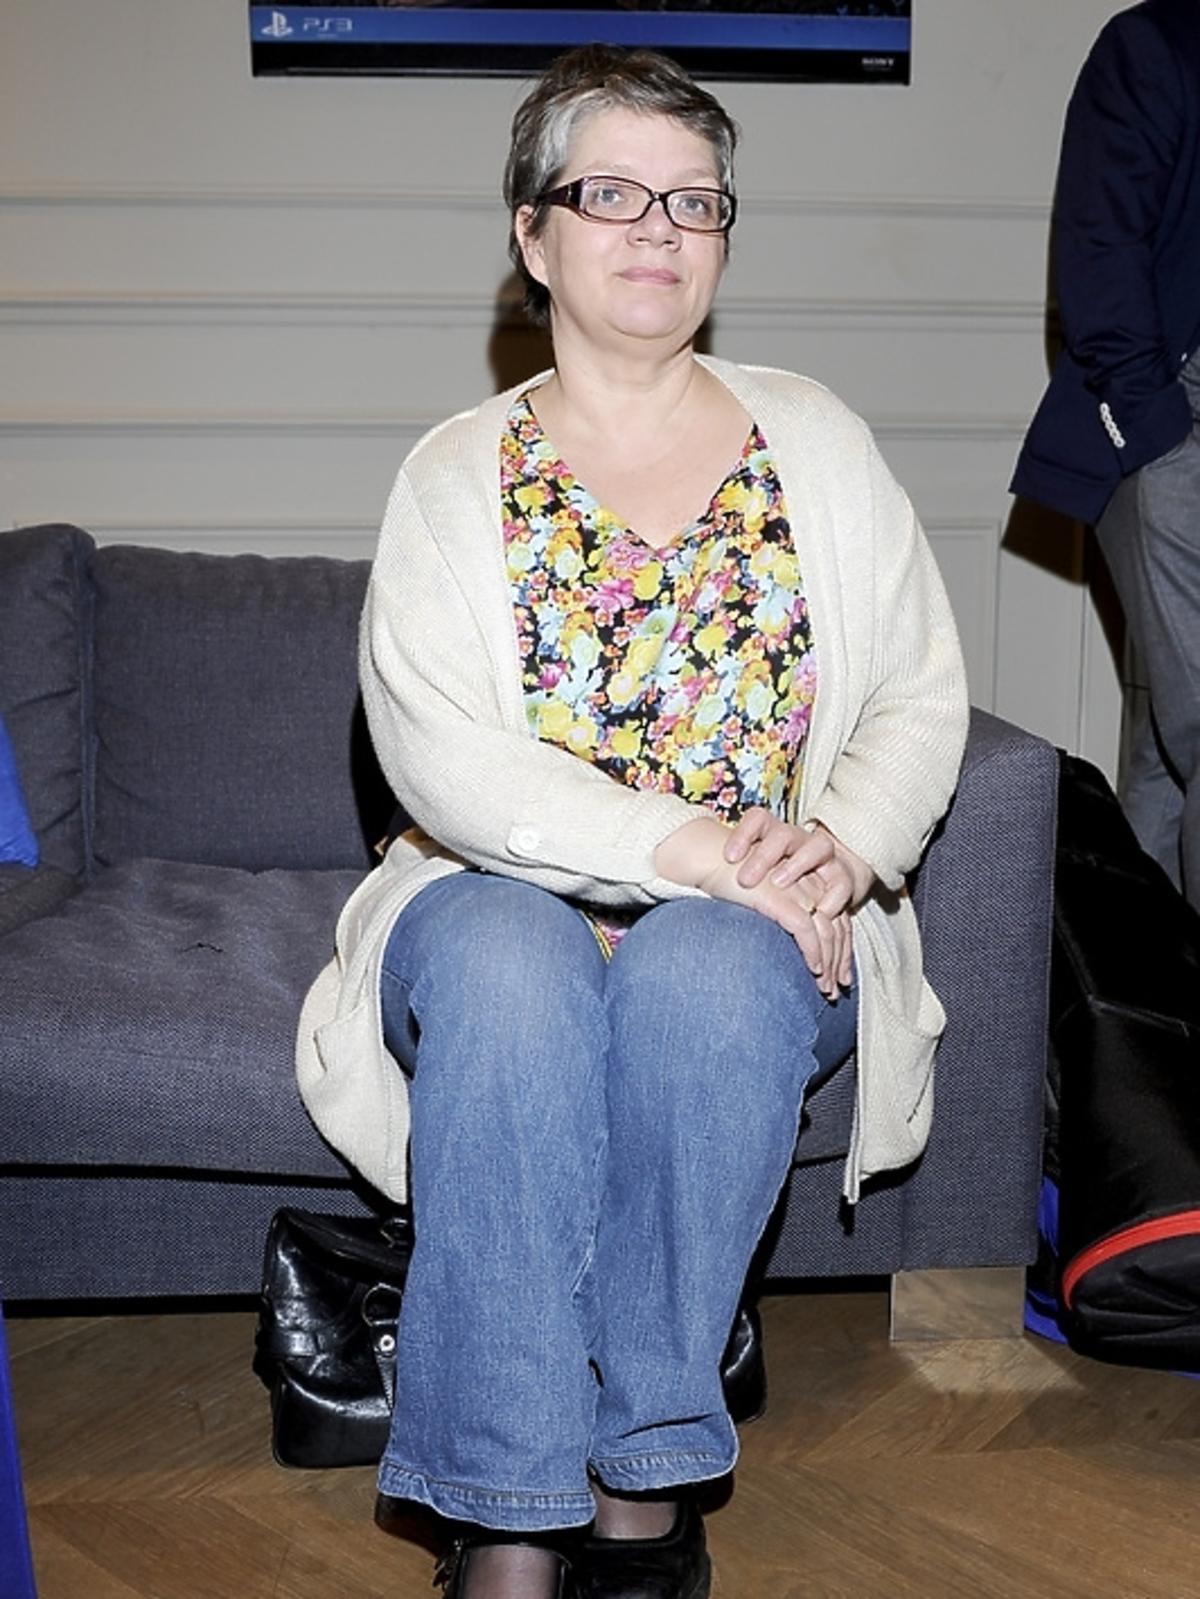 Dorota Zawadzka na premierze PlayStation 3 - Wonderbook: Księga Czarów